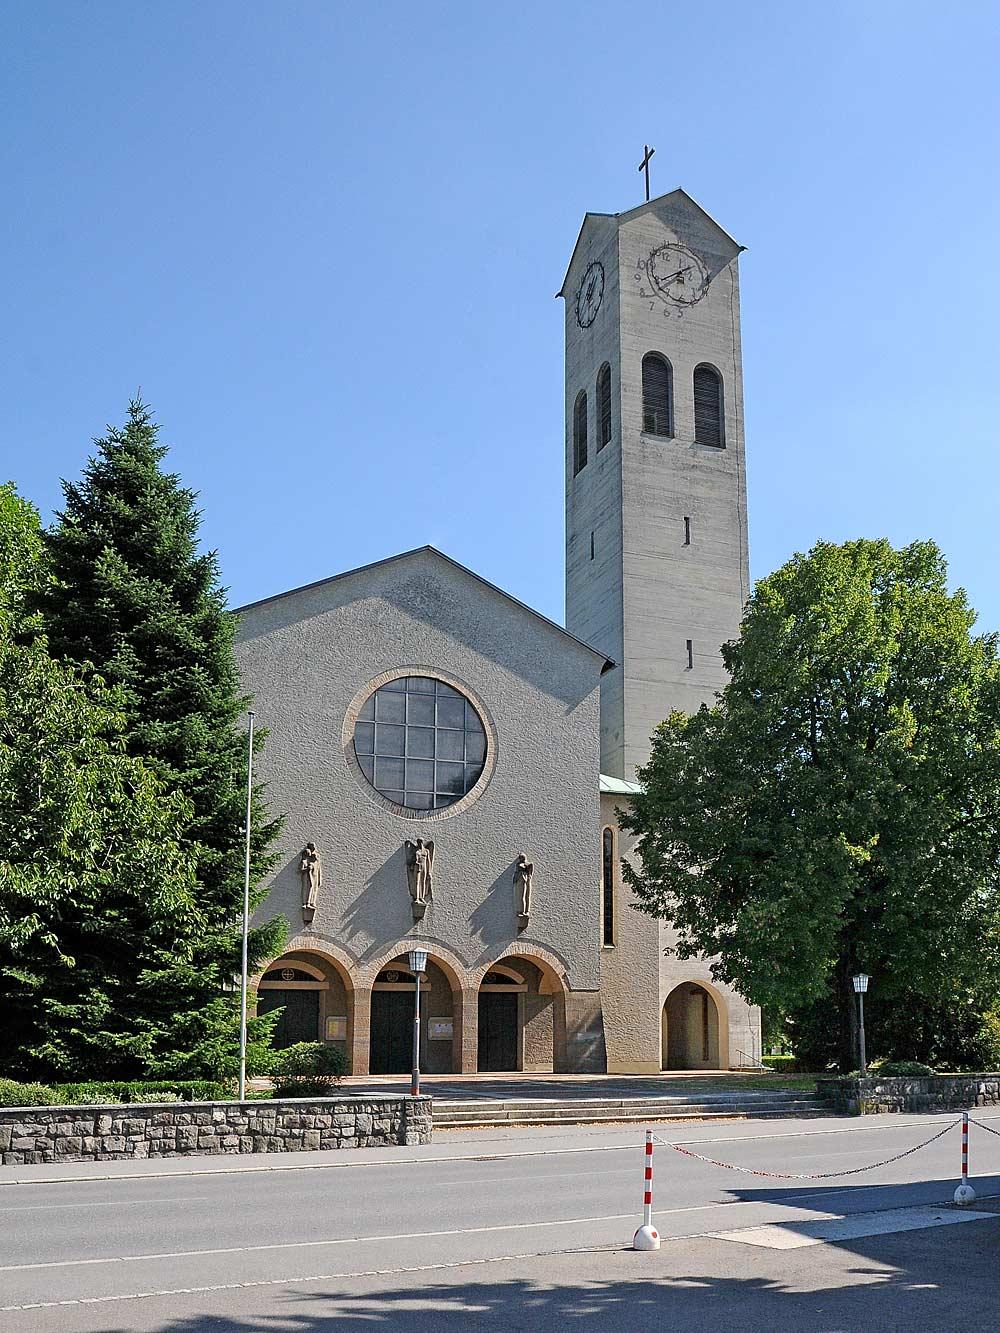 Katholische Pfarrkirche Zum göttlichen Erlöser in Lustenau